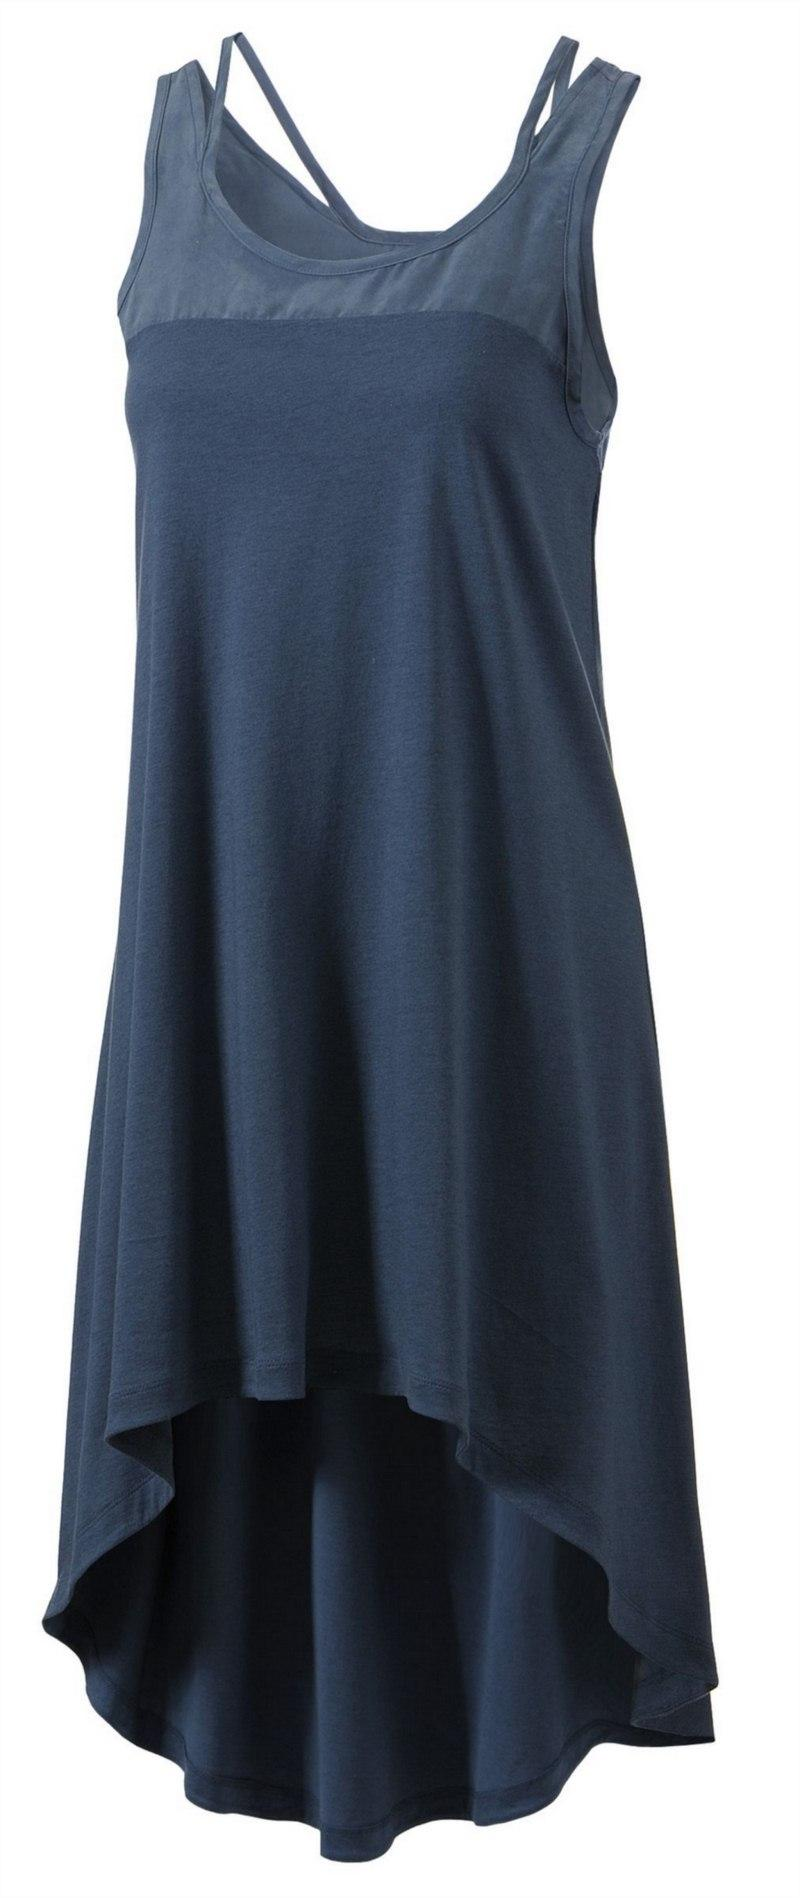 sukienka Adidas w kolorze granatowym - kolekcja wiosenno-letnia